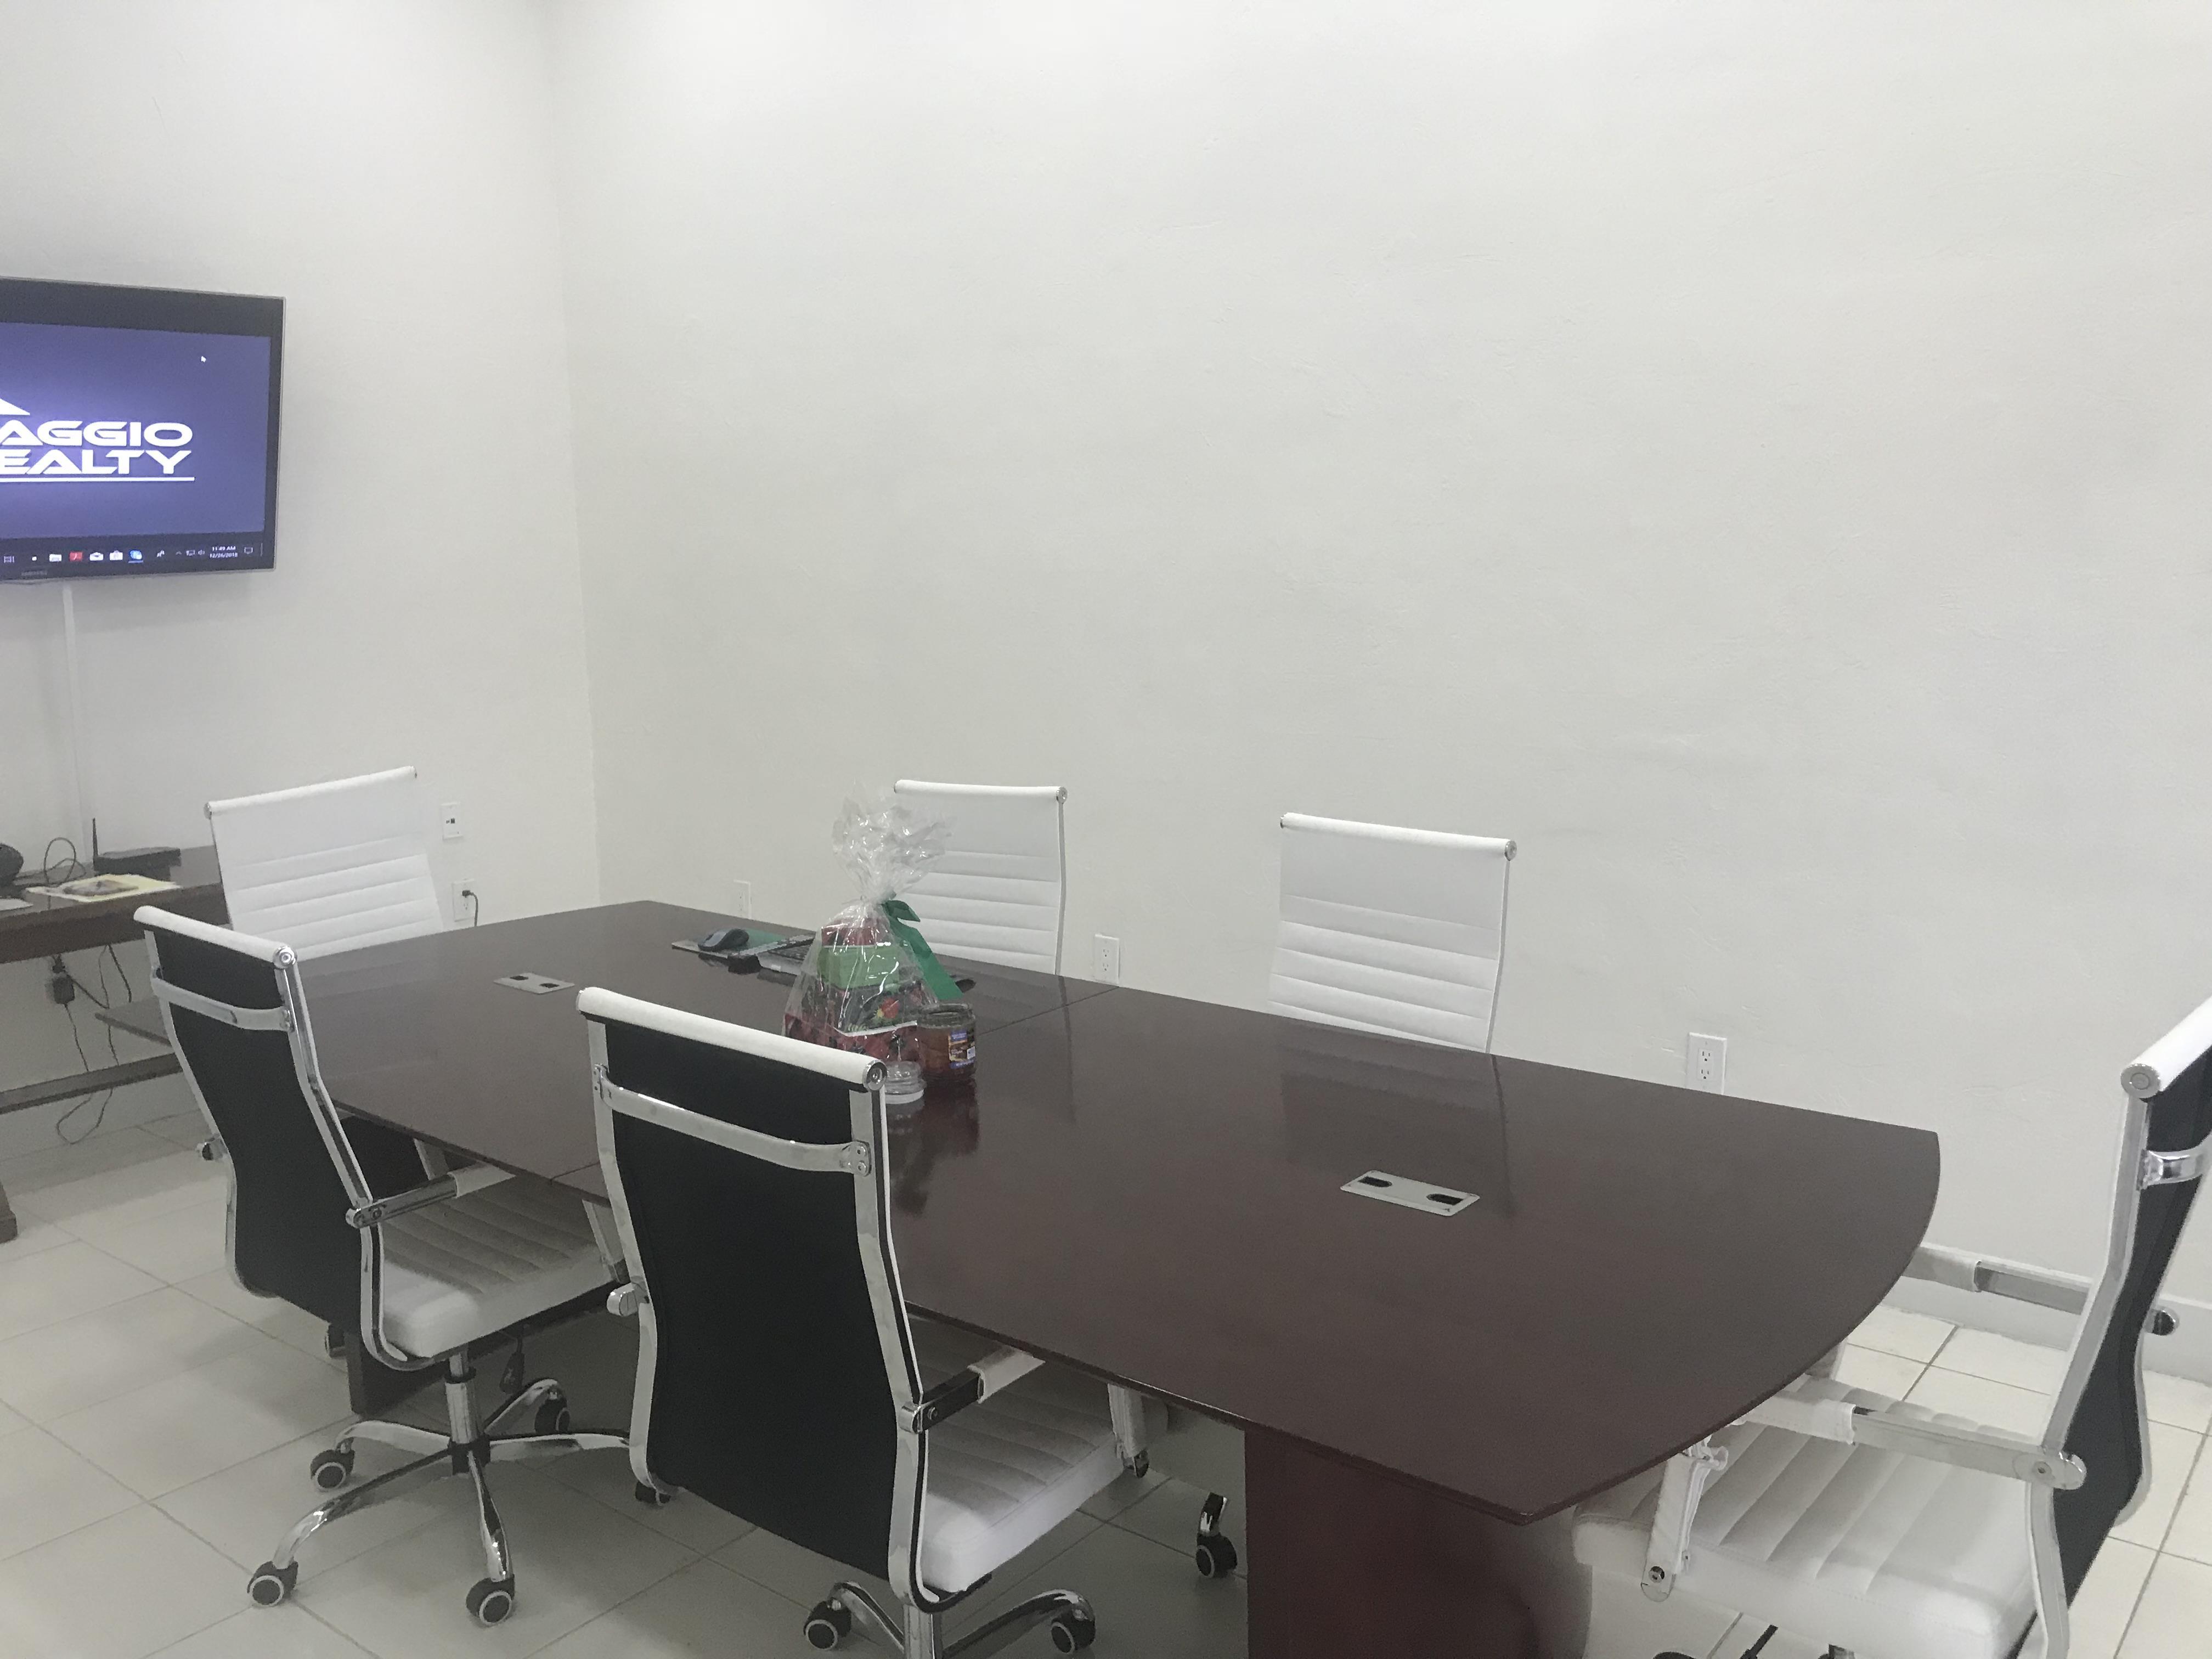 Saggio Realty, Inc. - Conference Room